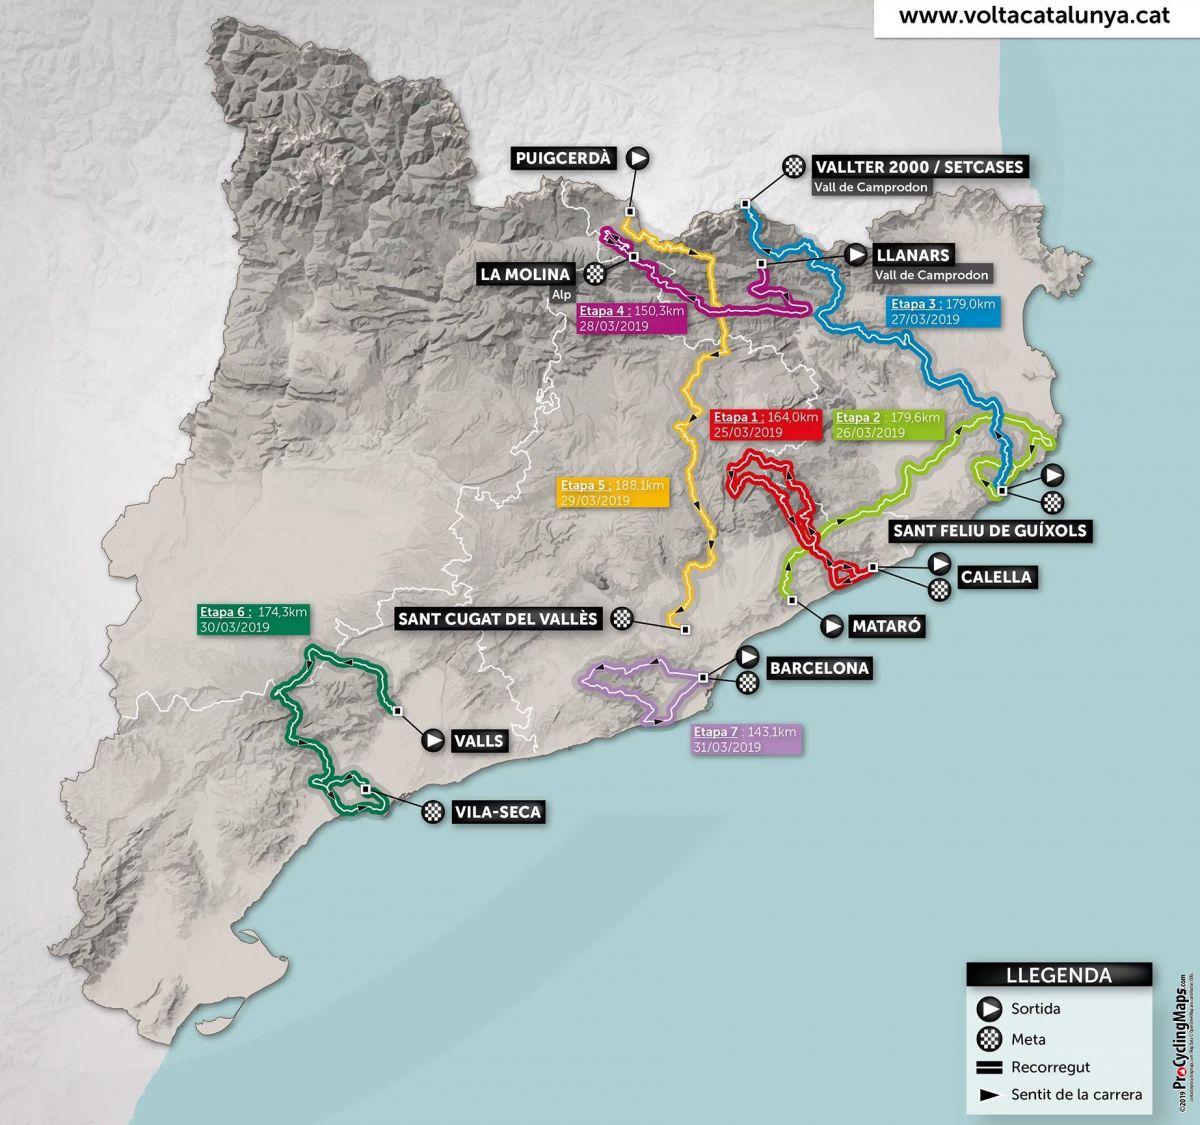 Parcours de la 99ème édition du Tour de Catalogne